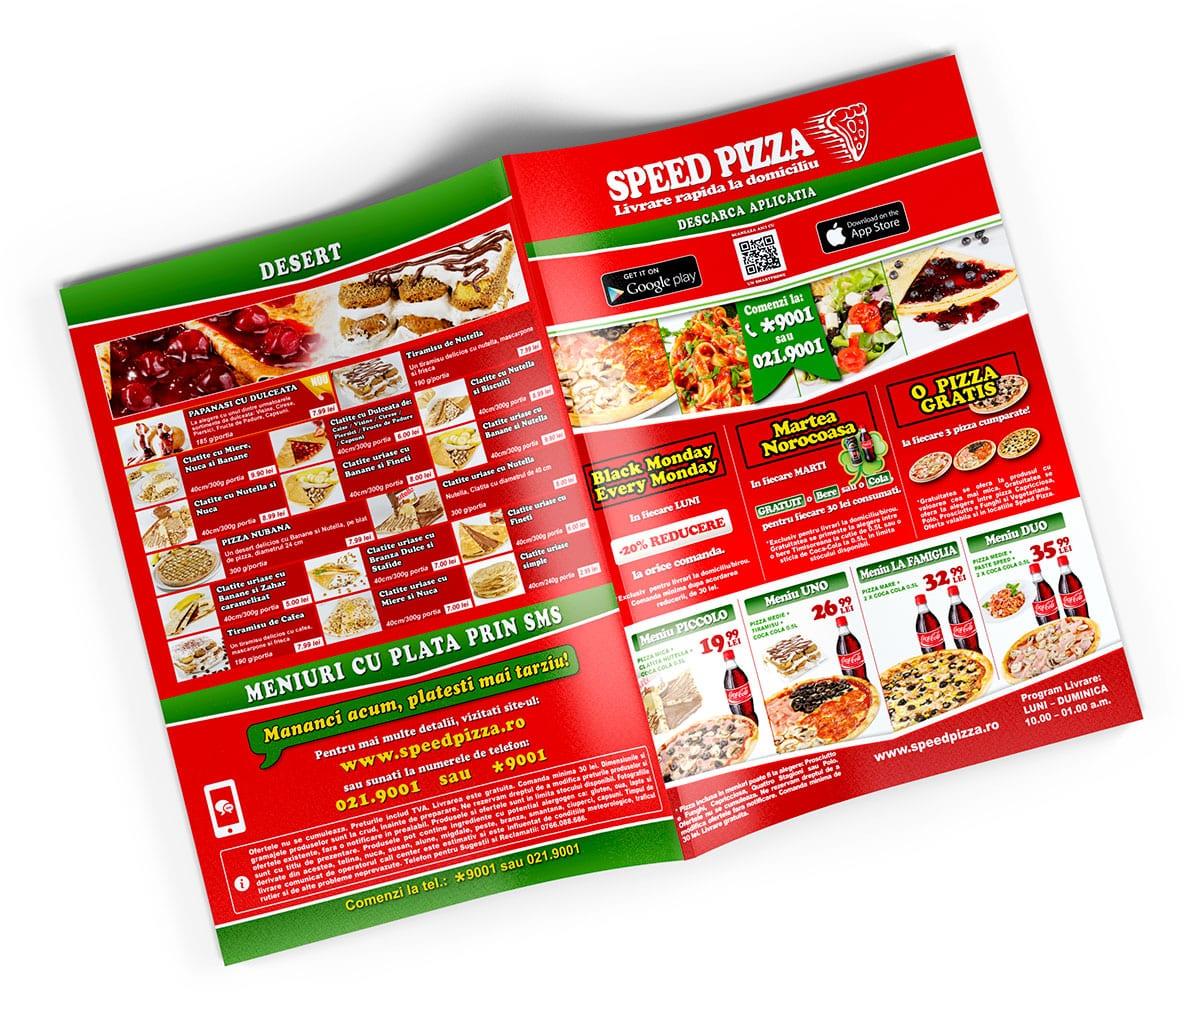 Unul dintre cele mai importante instrumente de marketing care contribuie la succesul unui restaurant, este meniul acestuia.